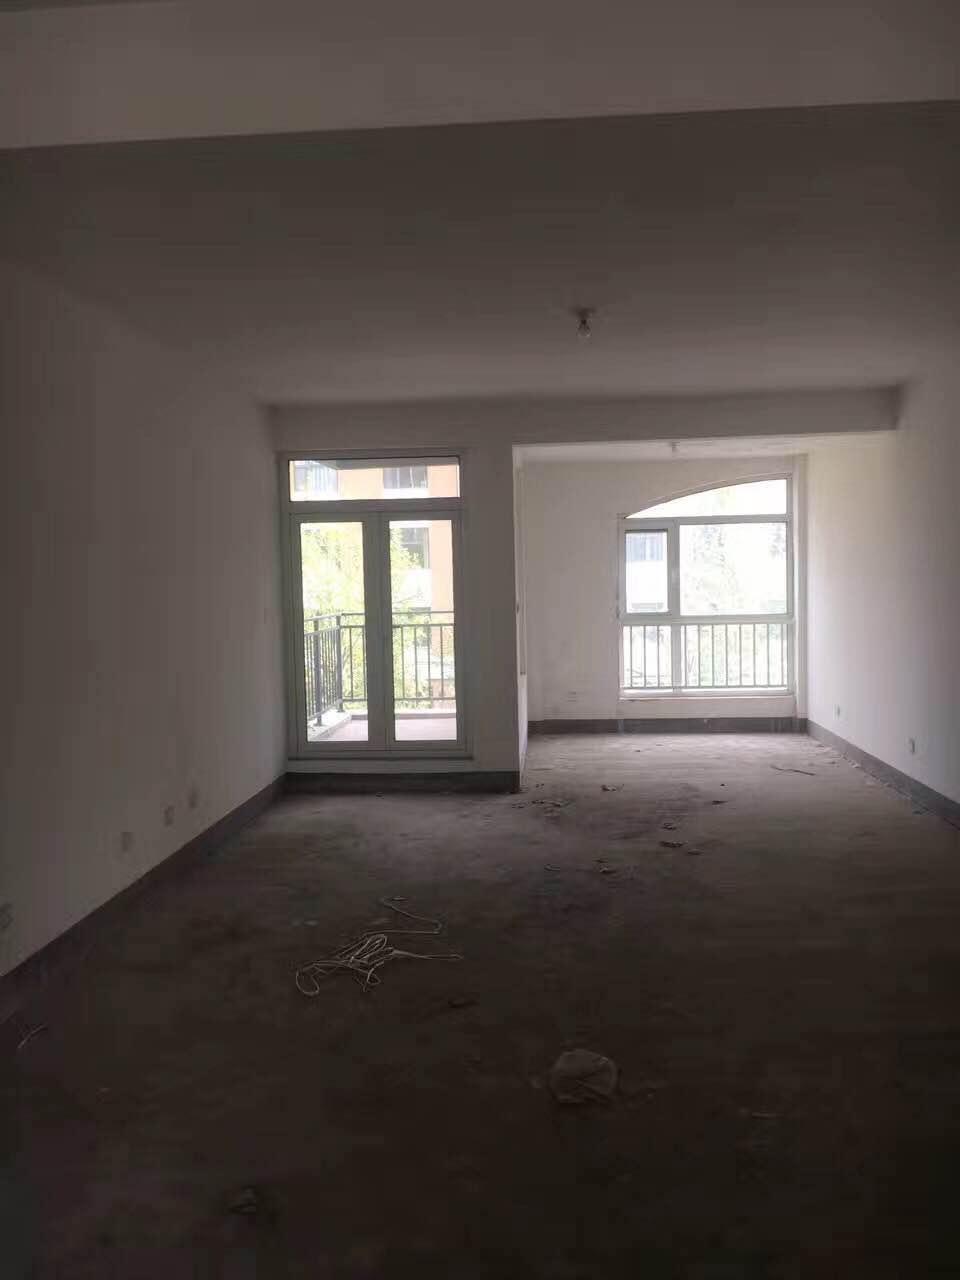 德百玫瑰园 3室2厅  毛坯 180万房型图